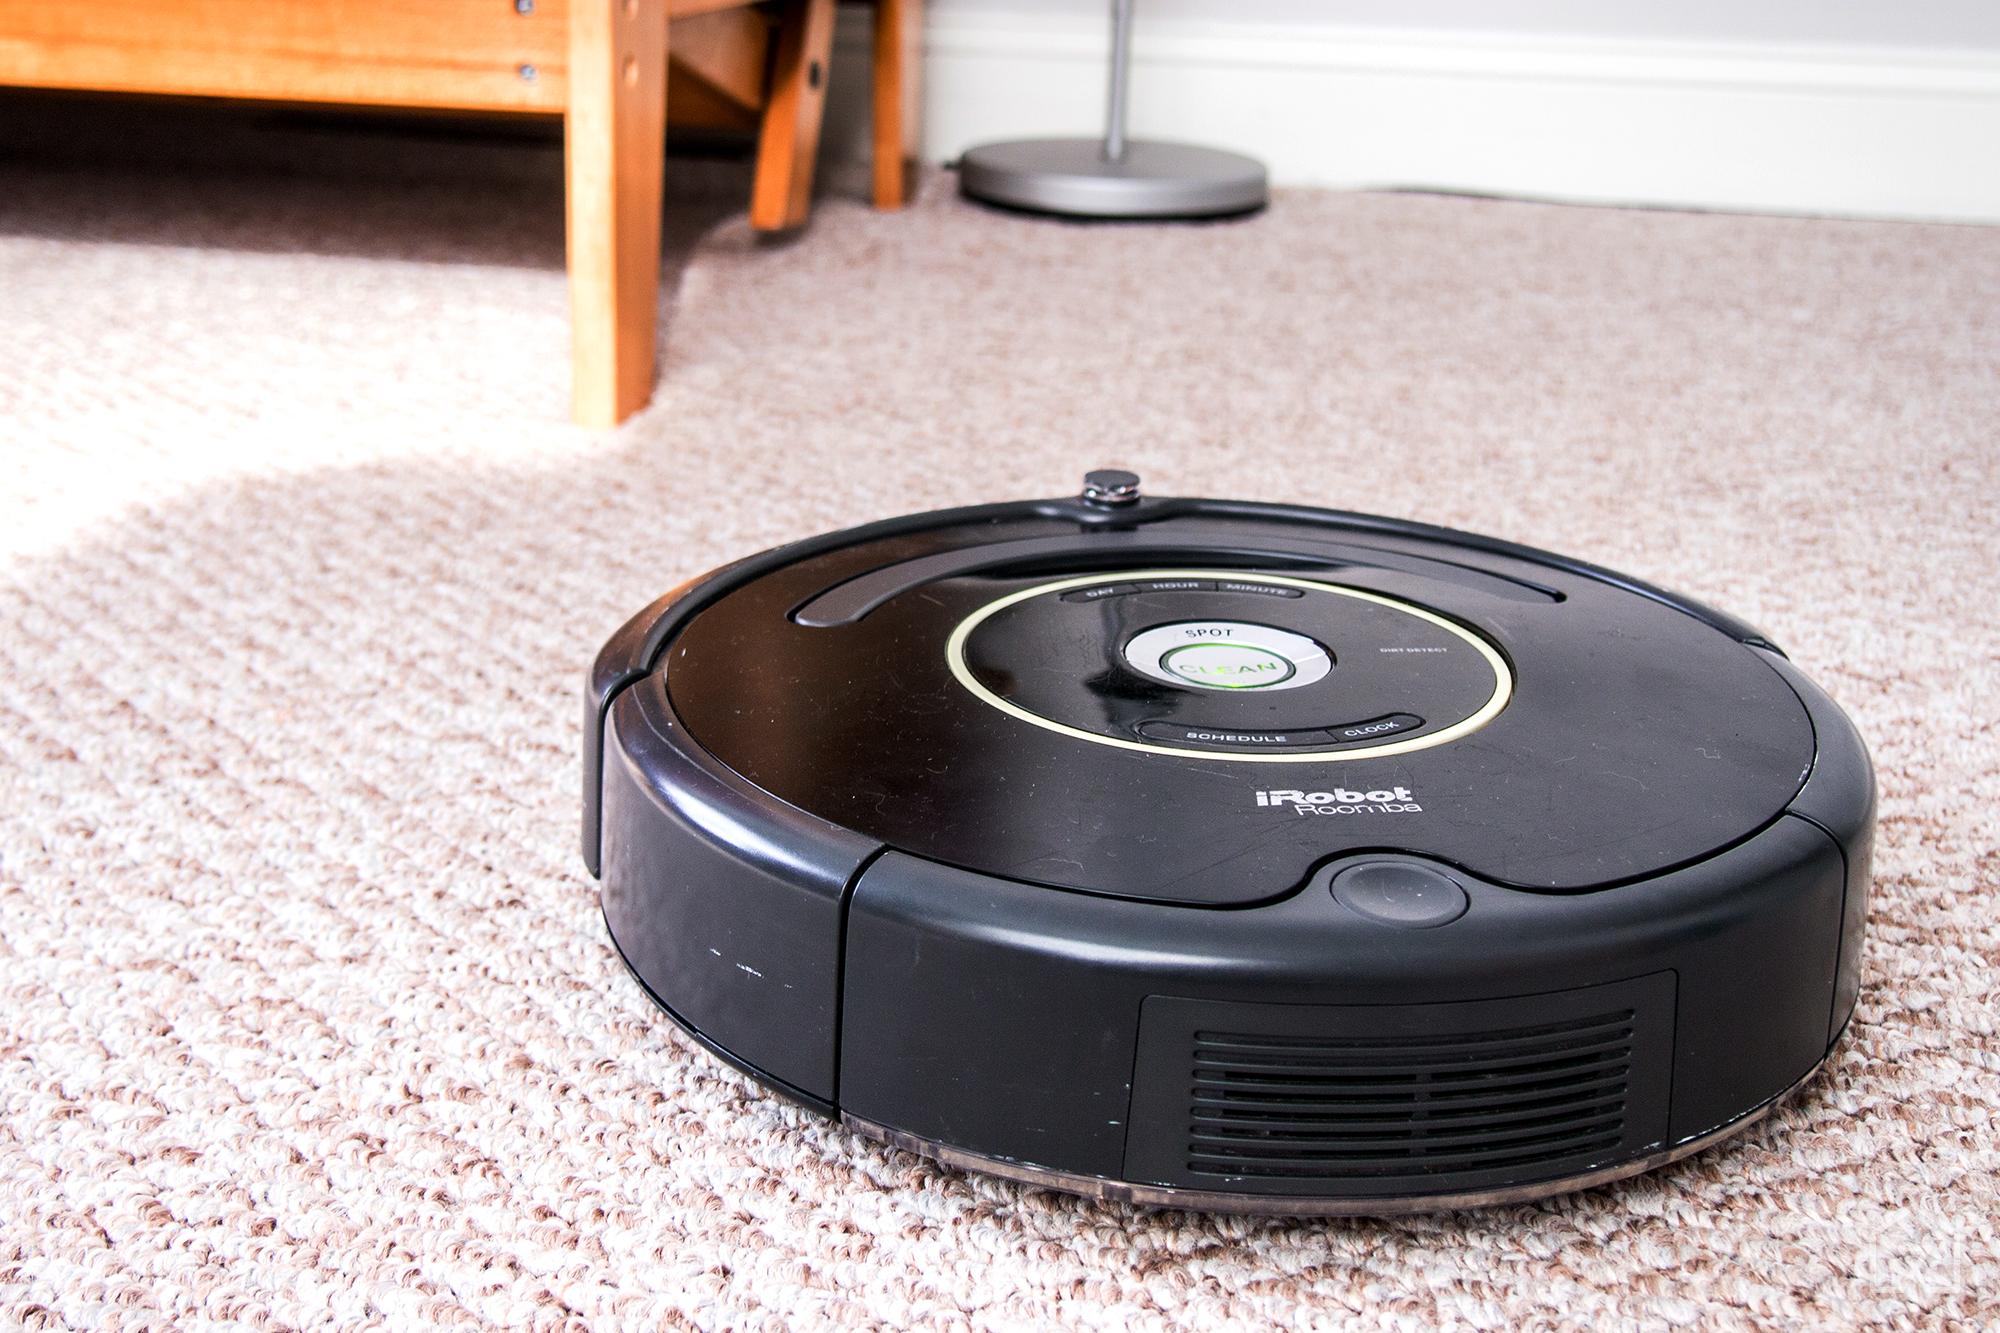 robot-vacuum-irobot-roomba-650